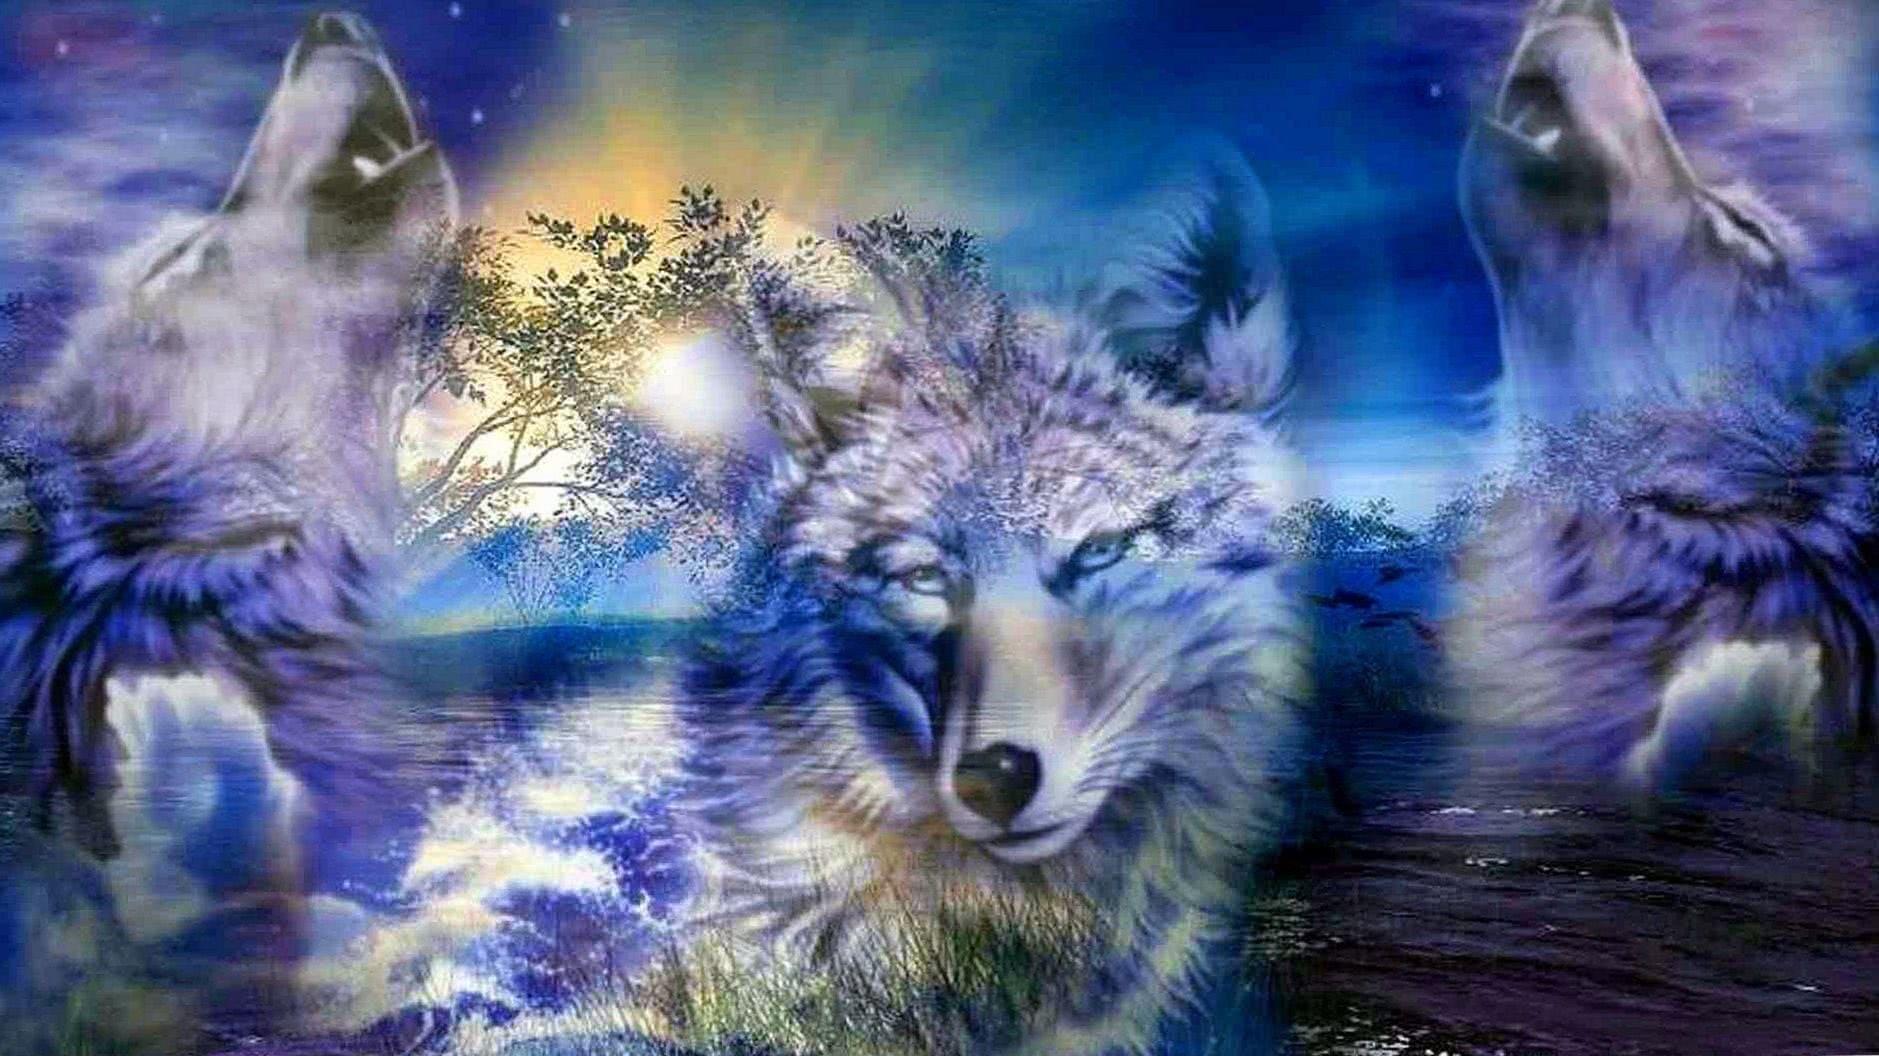 Wolf 3D Wallpaper